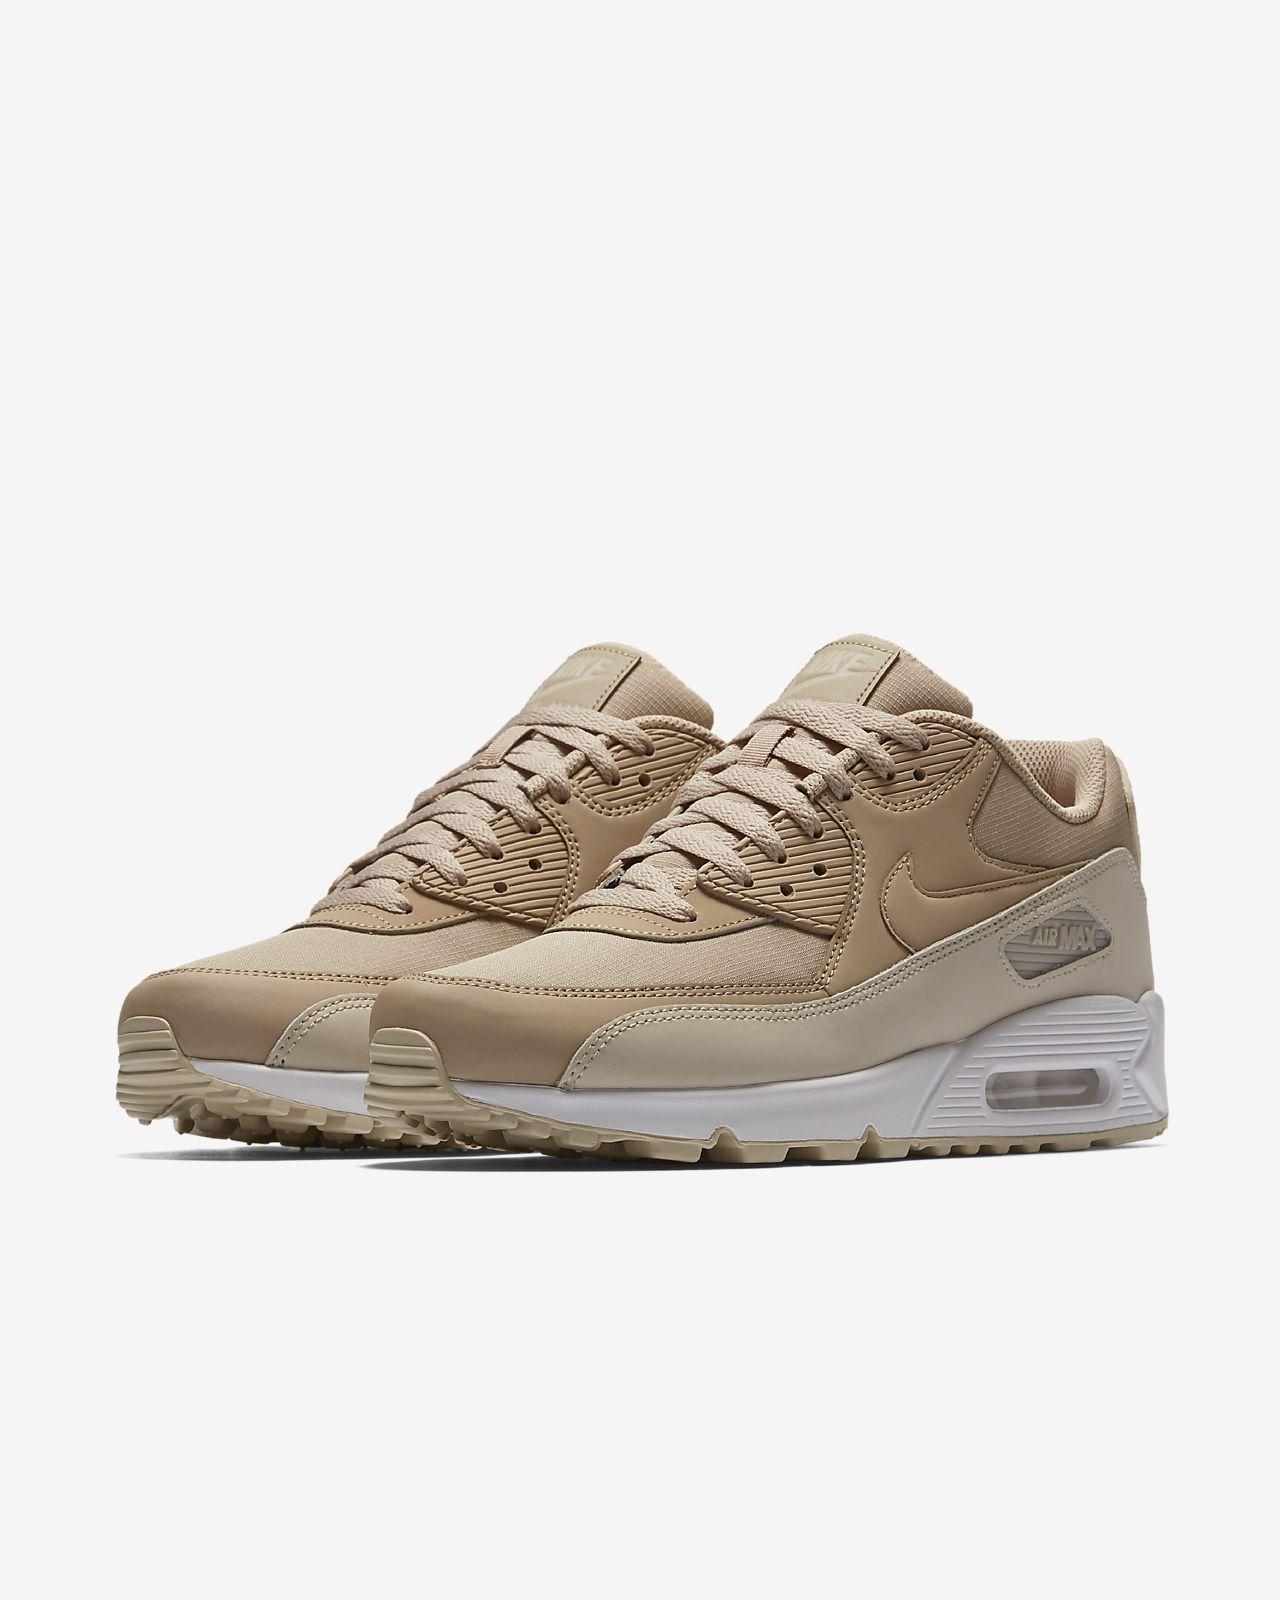 Achat De ve Nike Air Max 90 Essential Homme Chaussures Pas Cher Alainhemet 8523f557c4f9